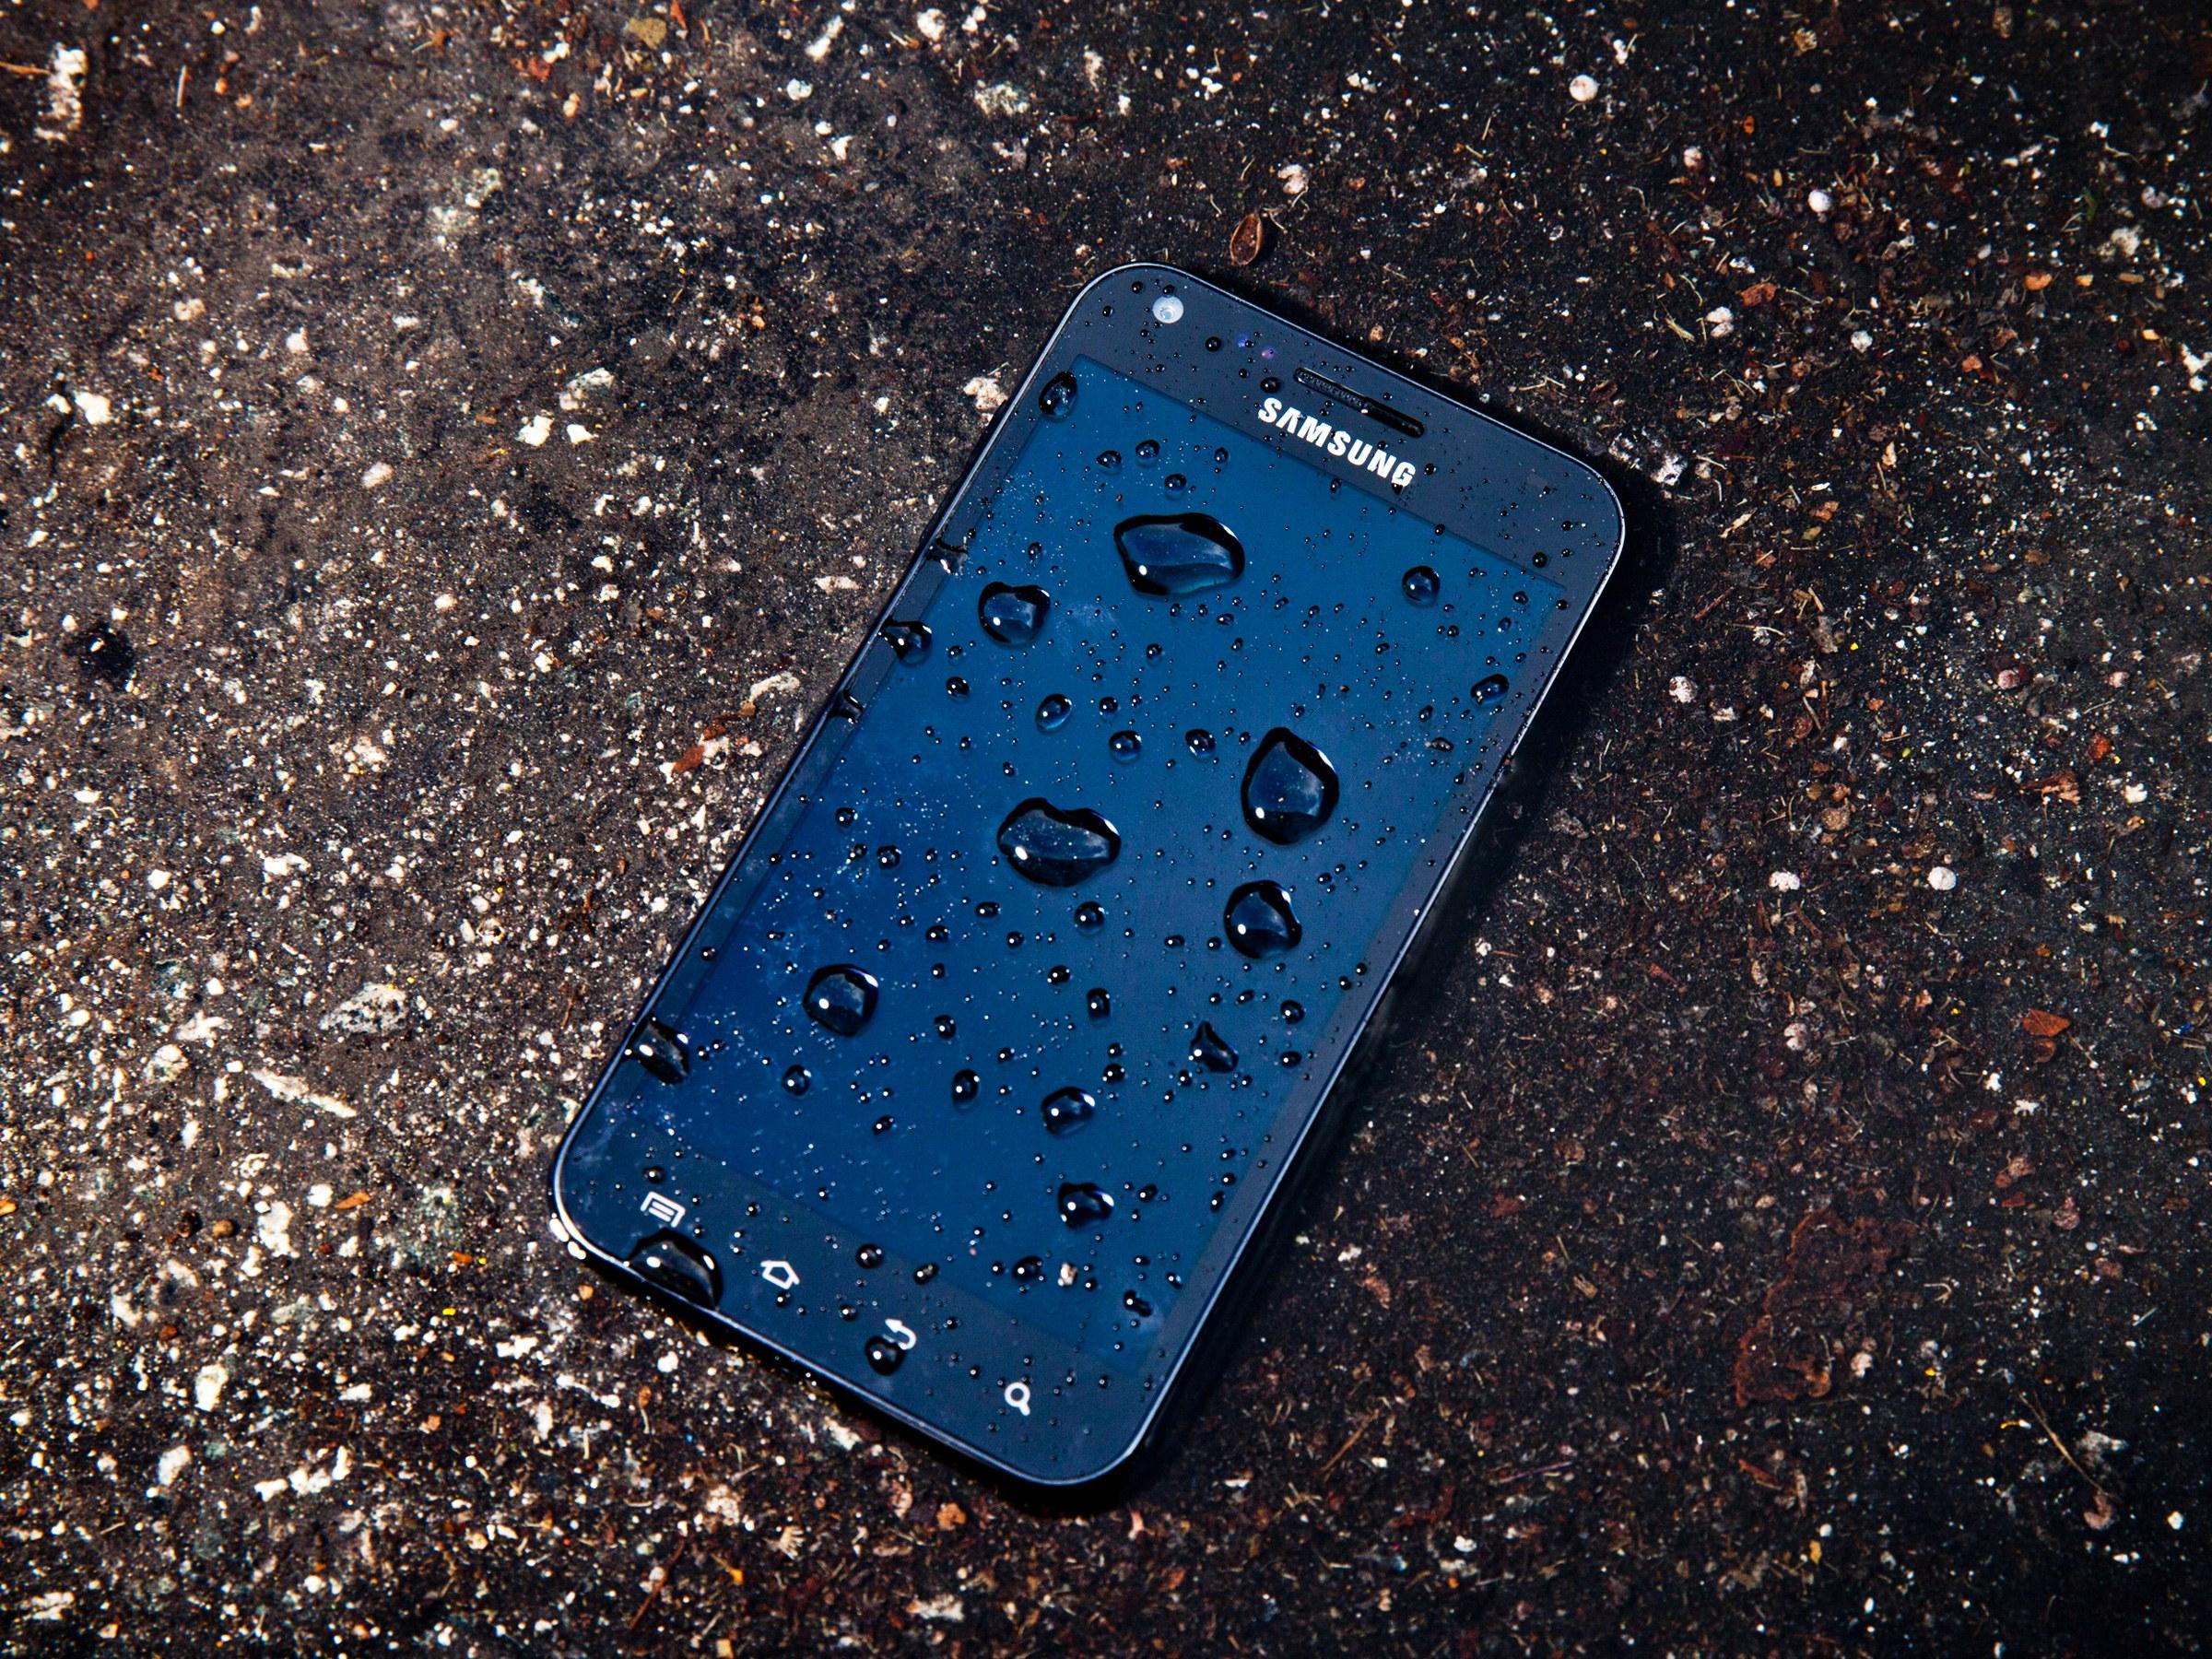 Uno smartphone bagnato è stato riparato? 2